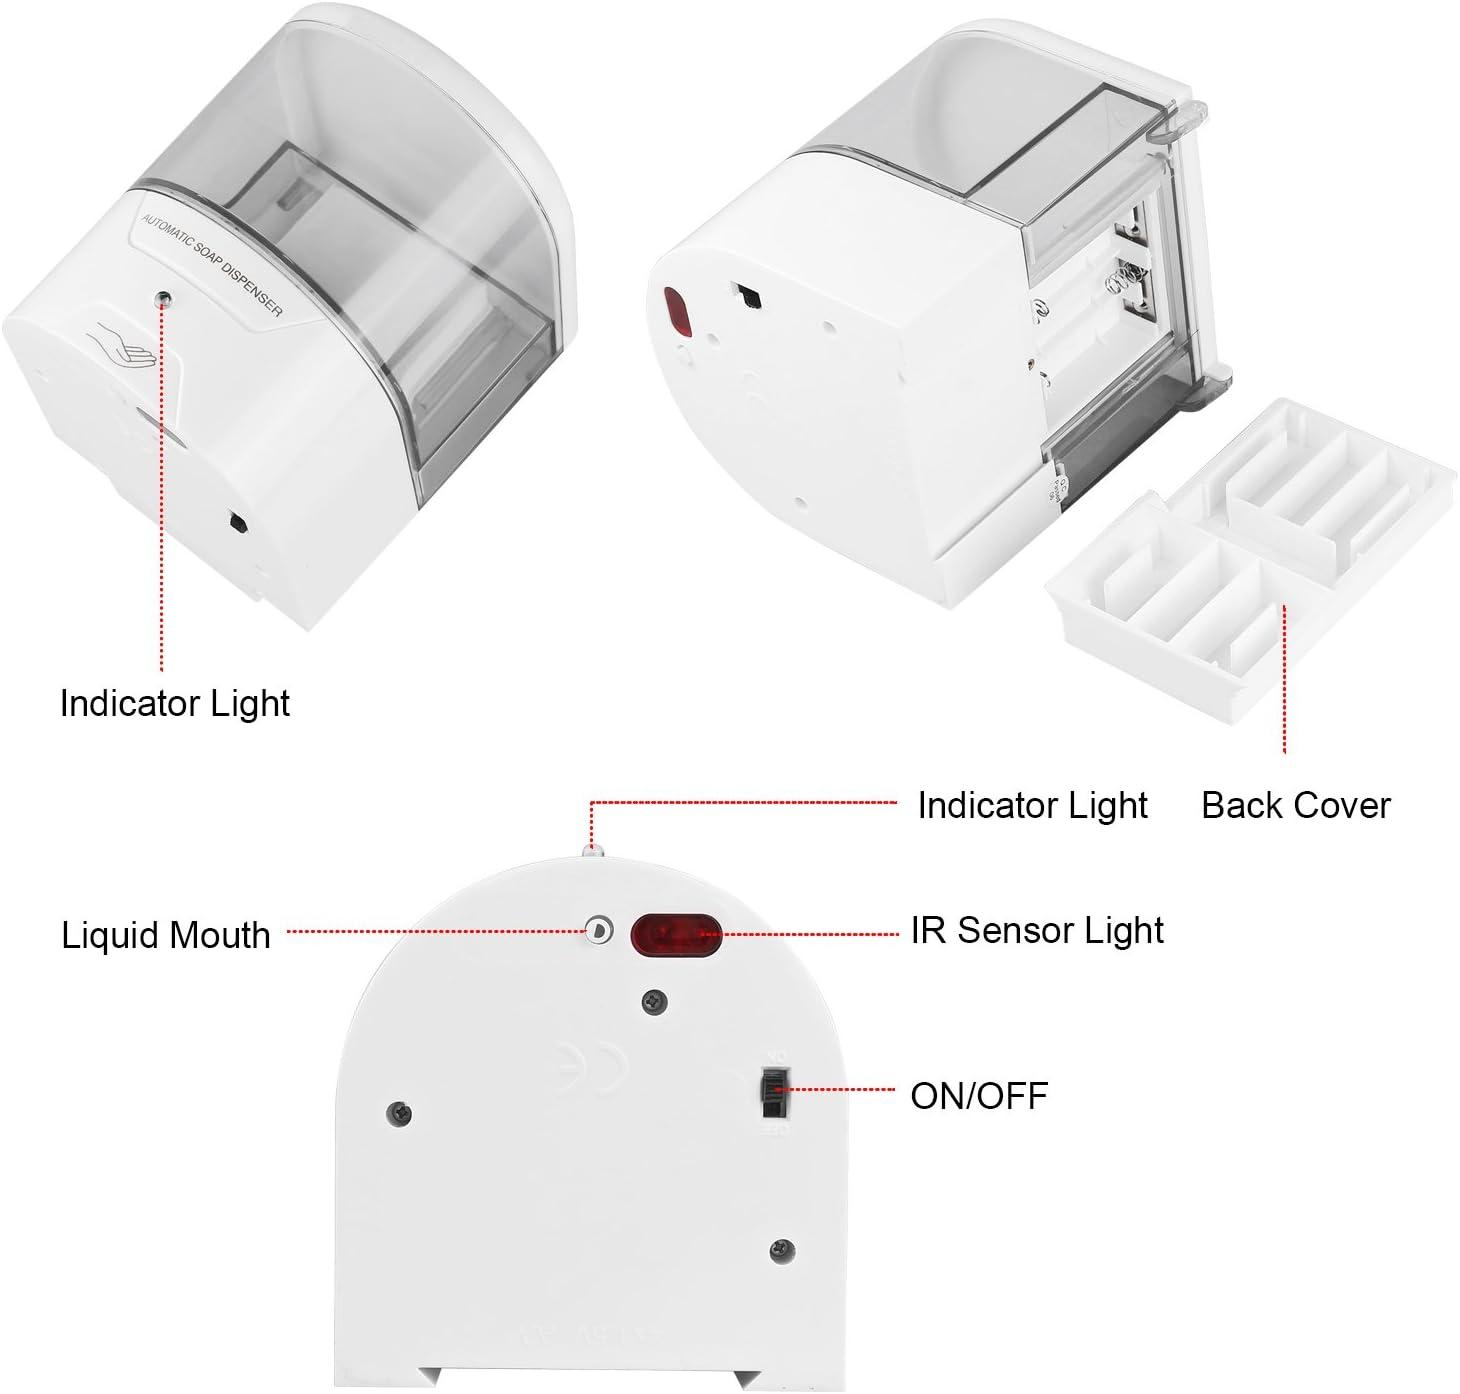 Senza Contatto per Bagno in Cucina Dose di Rilascio 1 Ml Sensore Ir Automatico Blingbin Dispenser di Sapone da 600 Ml a Parete Pompa per Lozione del Sapone da Cucina Alimentata a Batteria